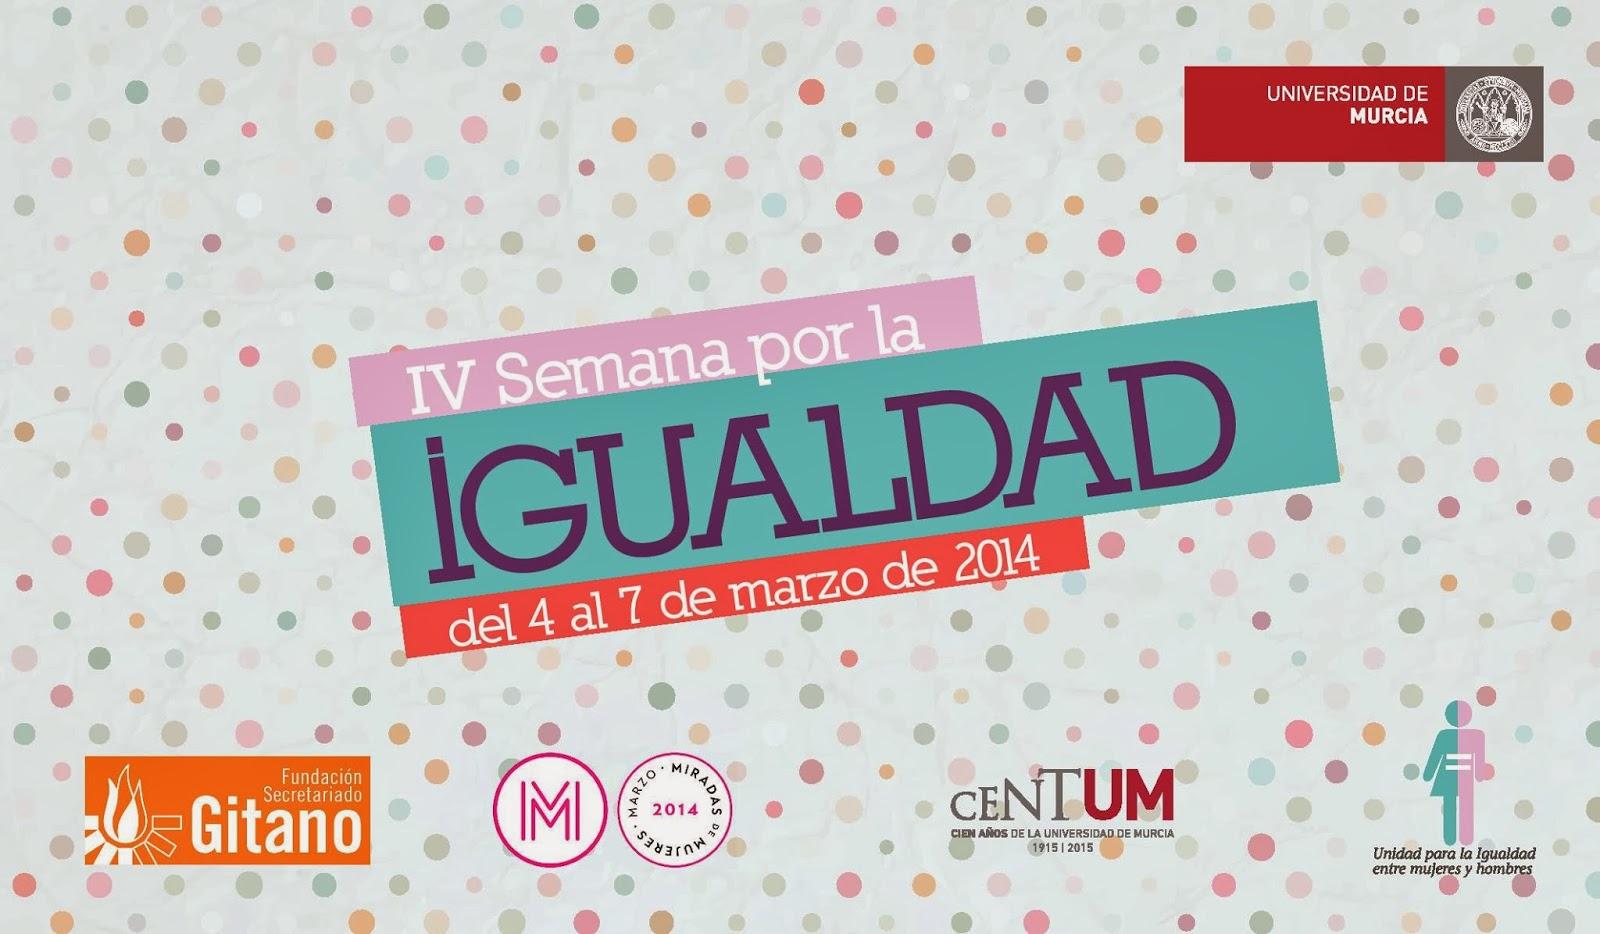 IV Semana por la igualdad - UMU.